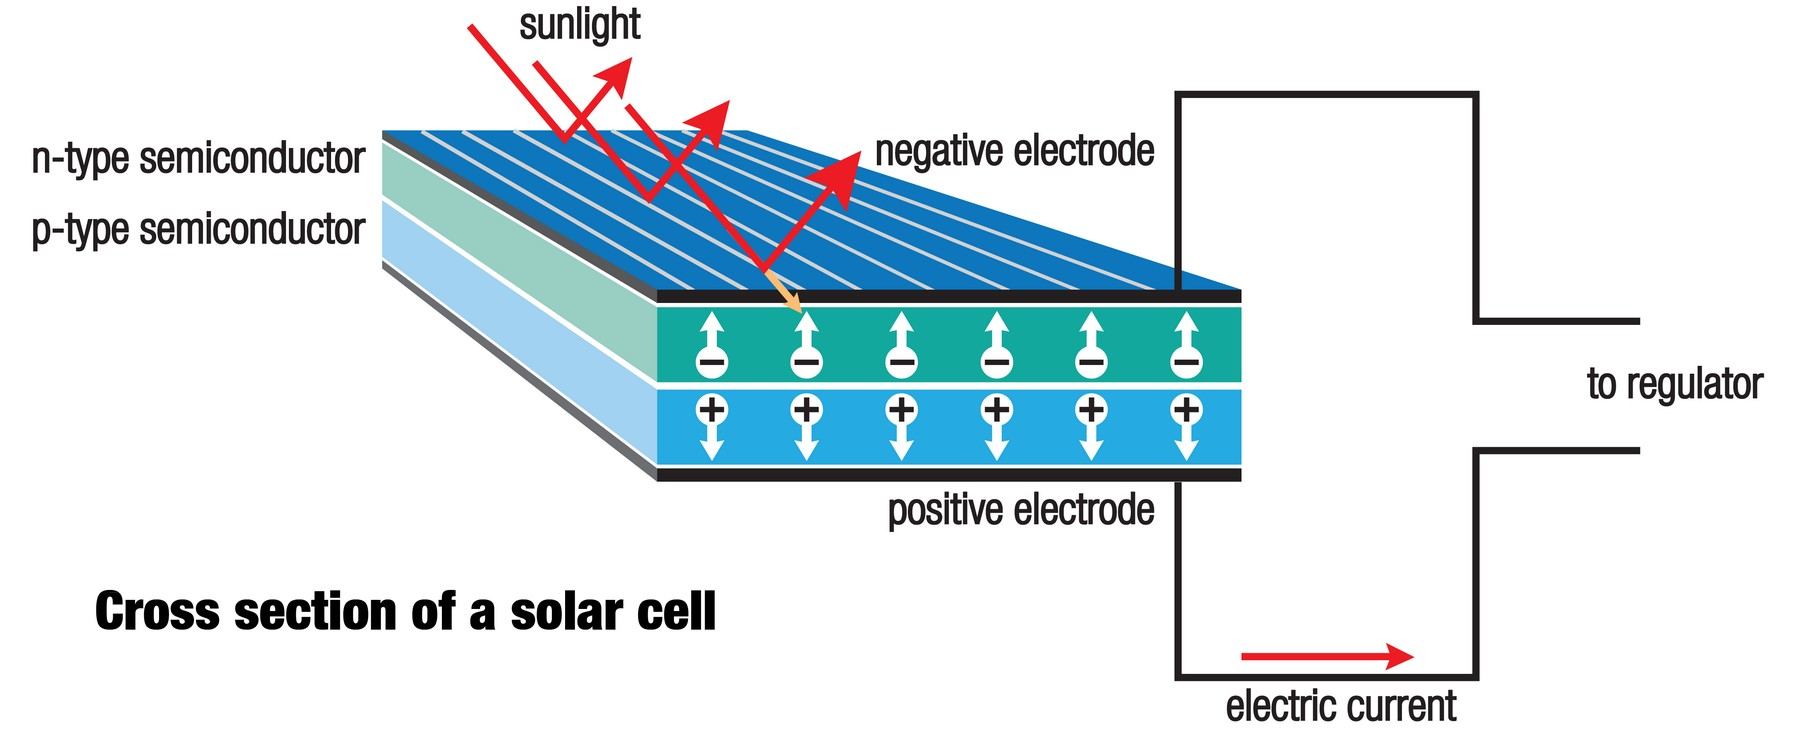 электрическая схема соединений солнечной батареи